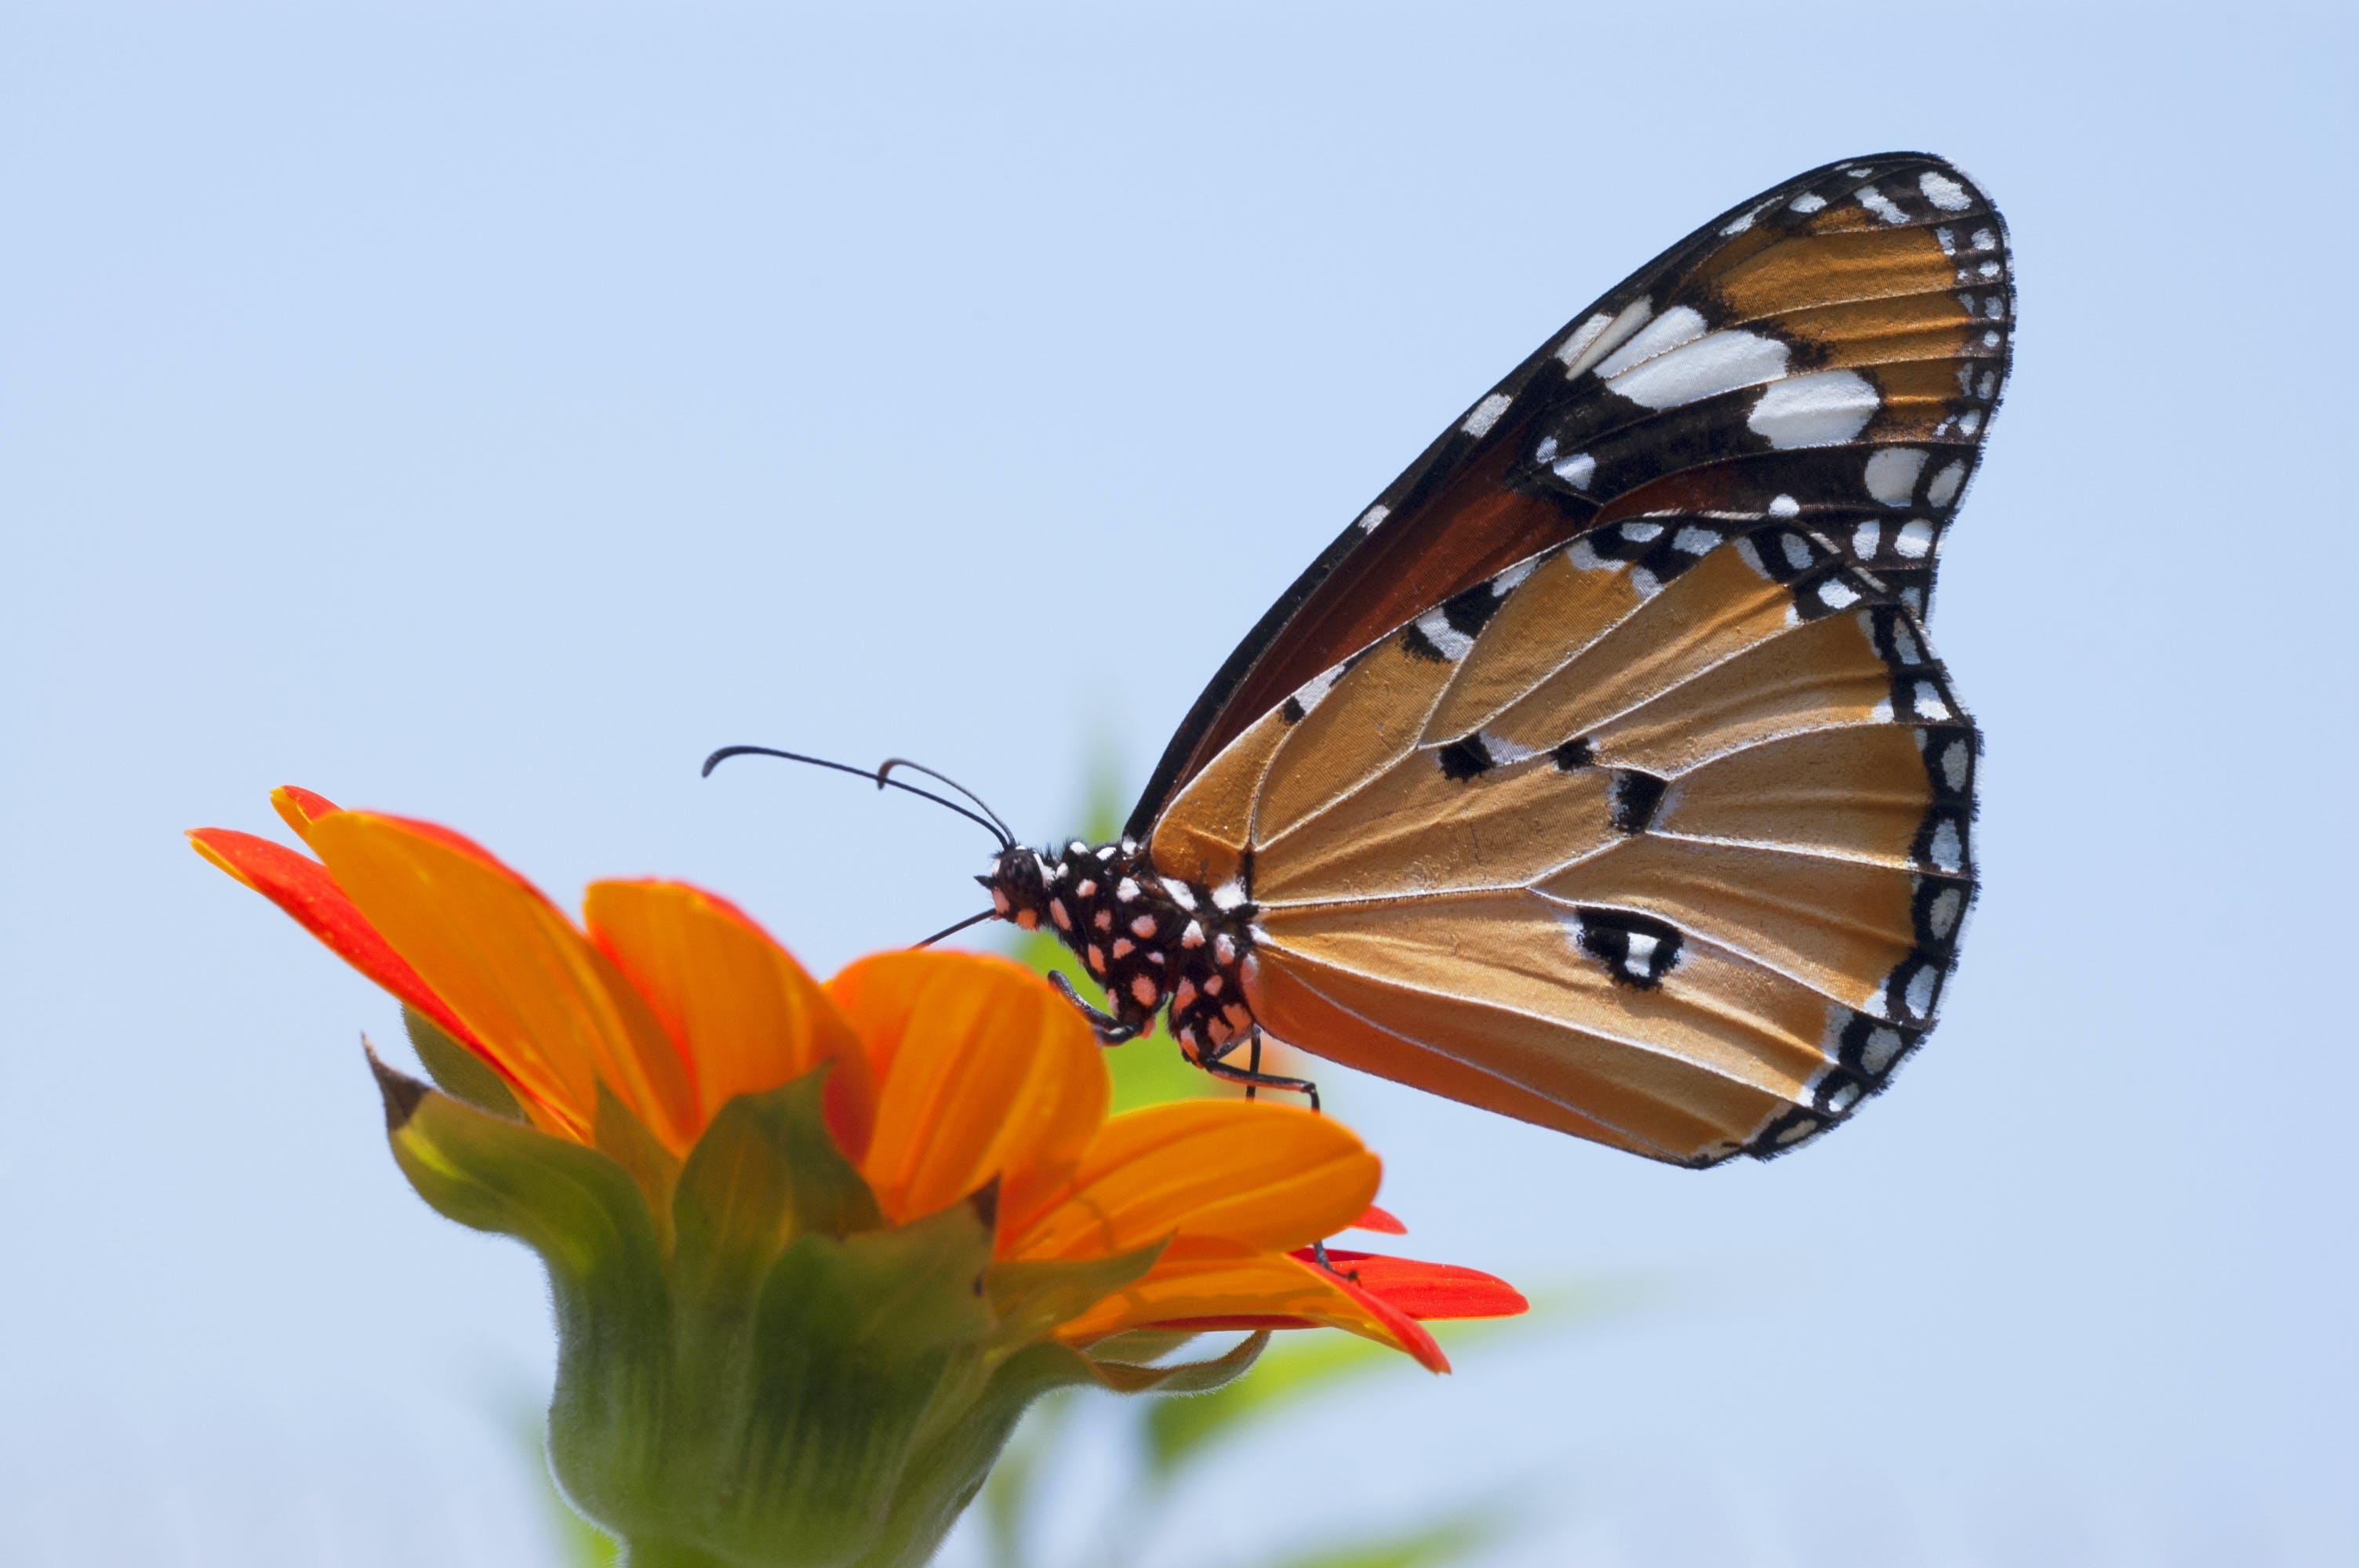 HD 바탕화면, 군주, 나비, 날개의 무료 스톡 사진